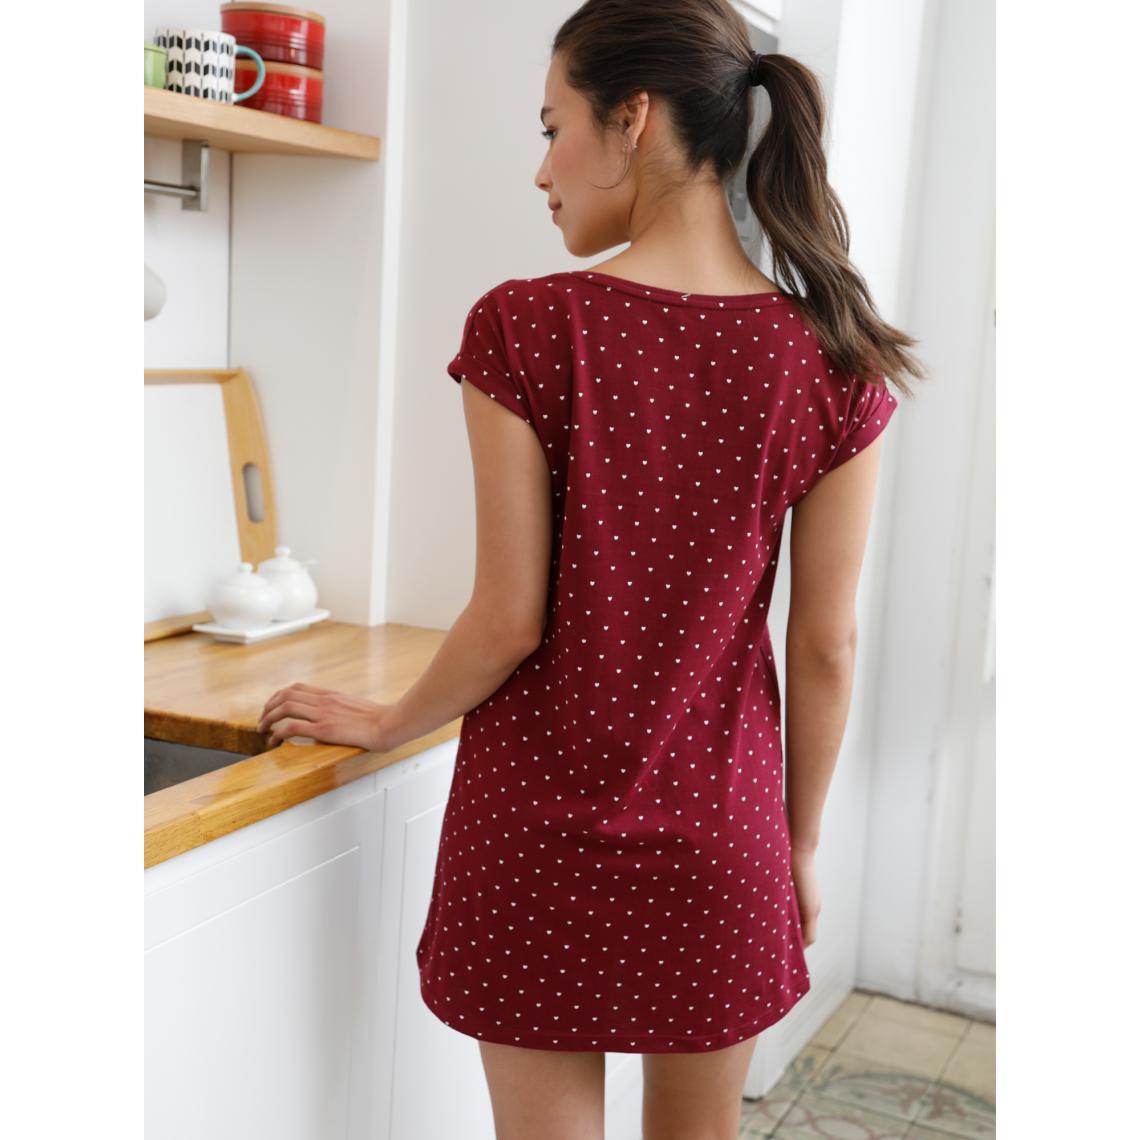 bas prix prix favorable lisse Chemise de nuit à manches courtes avec imprimé coeurs Rouge ...